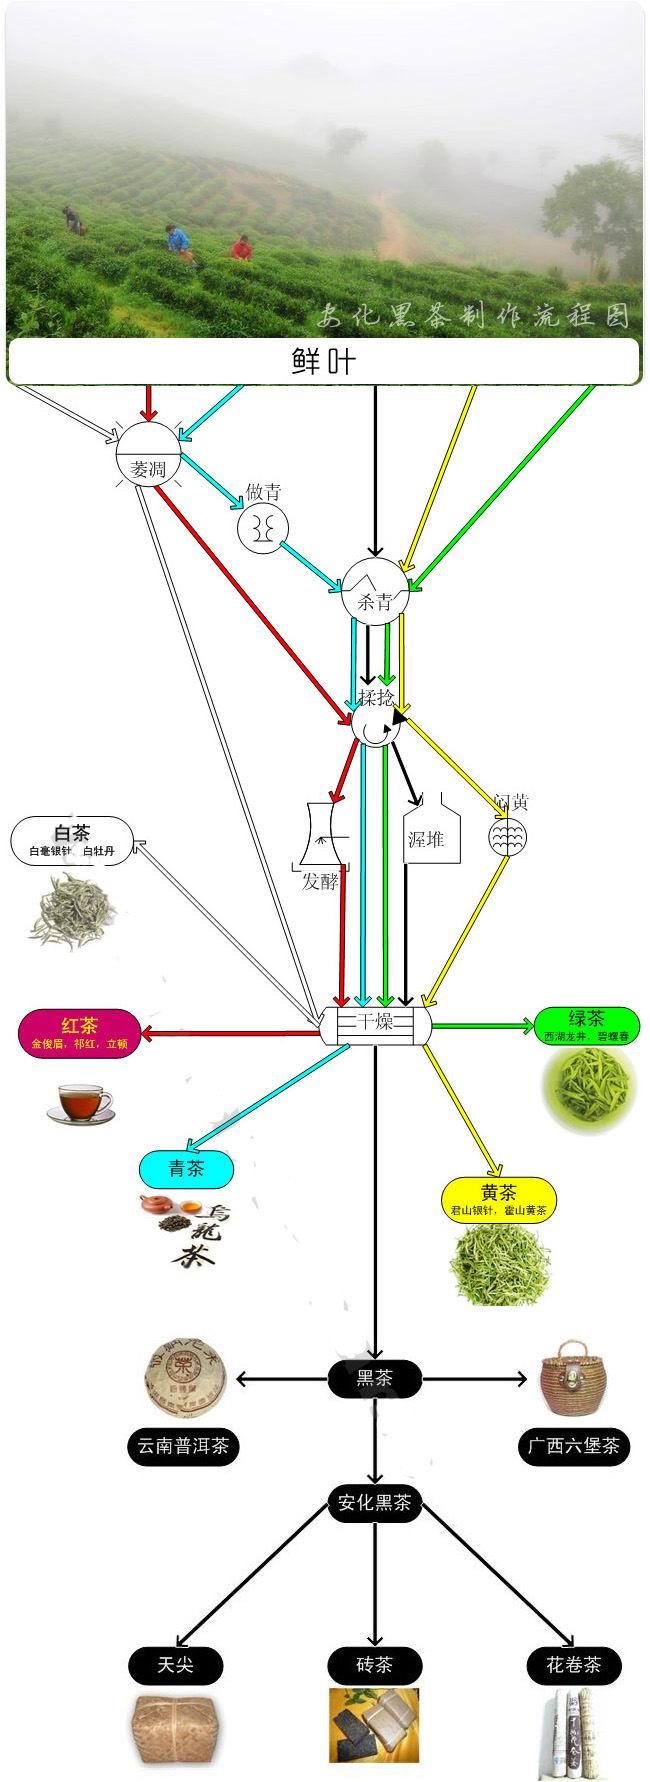 安化黑茶的制作流程